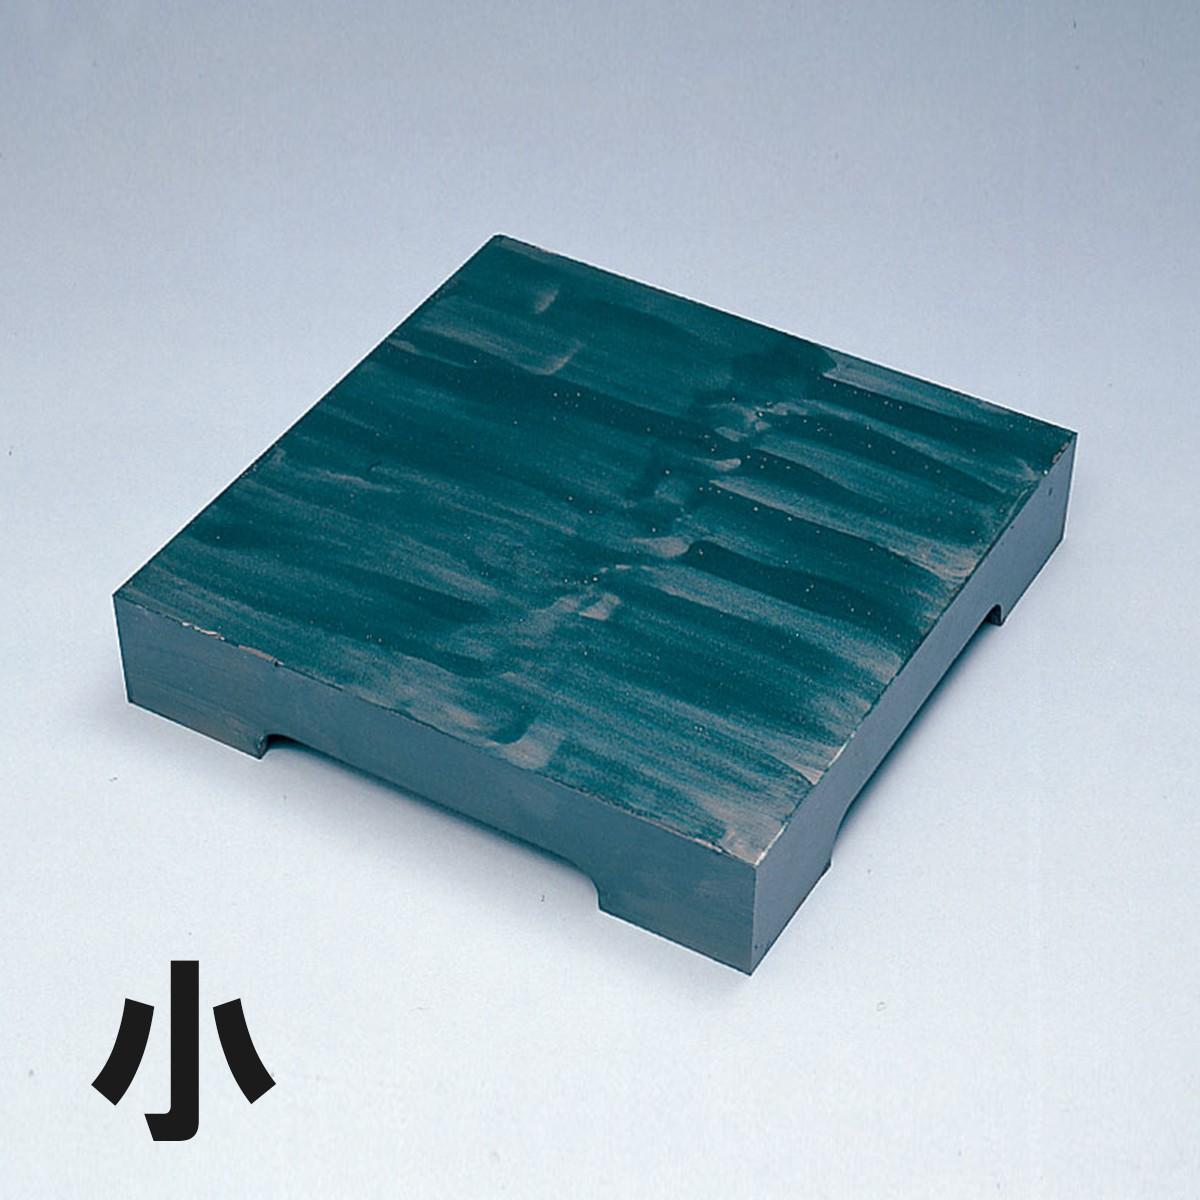 金工定盤 小 300×300mm 【 金属 工作 鋳金 工芸 定盤 】